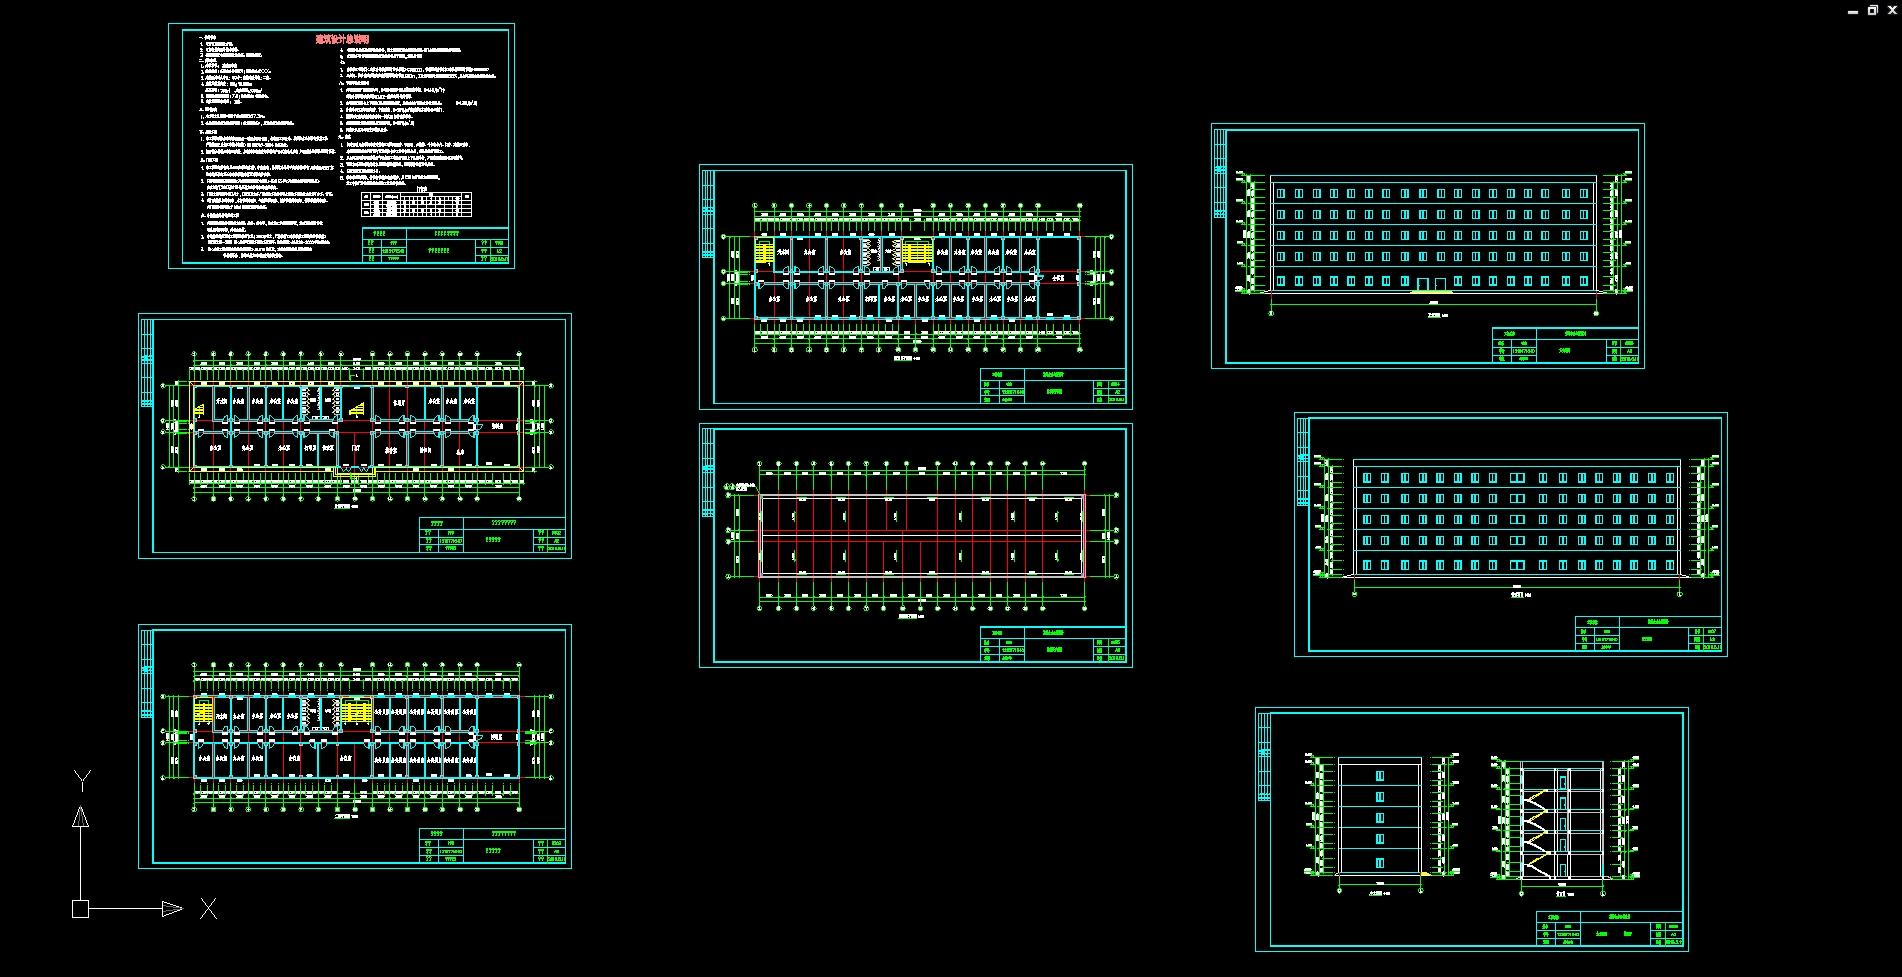 五层3990平米综合办公楼设计(建筑图,结构图)(任务书,计算书22000字,建筑图7张,结构图9张) 本设计是某综合办公楼设计。该大楼层数为5层,主框架高度为18.6m,结构类型为钢筋混凝土框架结构。 1.1 设计原始资料 1.1.1 工程概况 该工程主体为现浇钢筋混凝土框架结构,建筑面积3990.